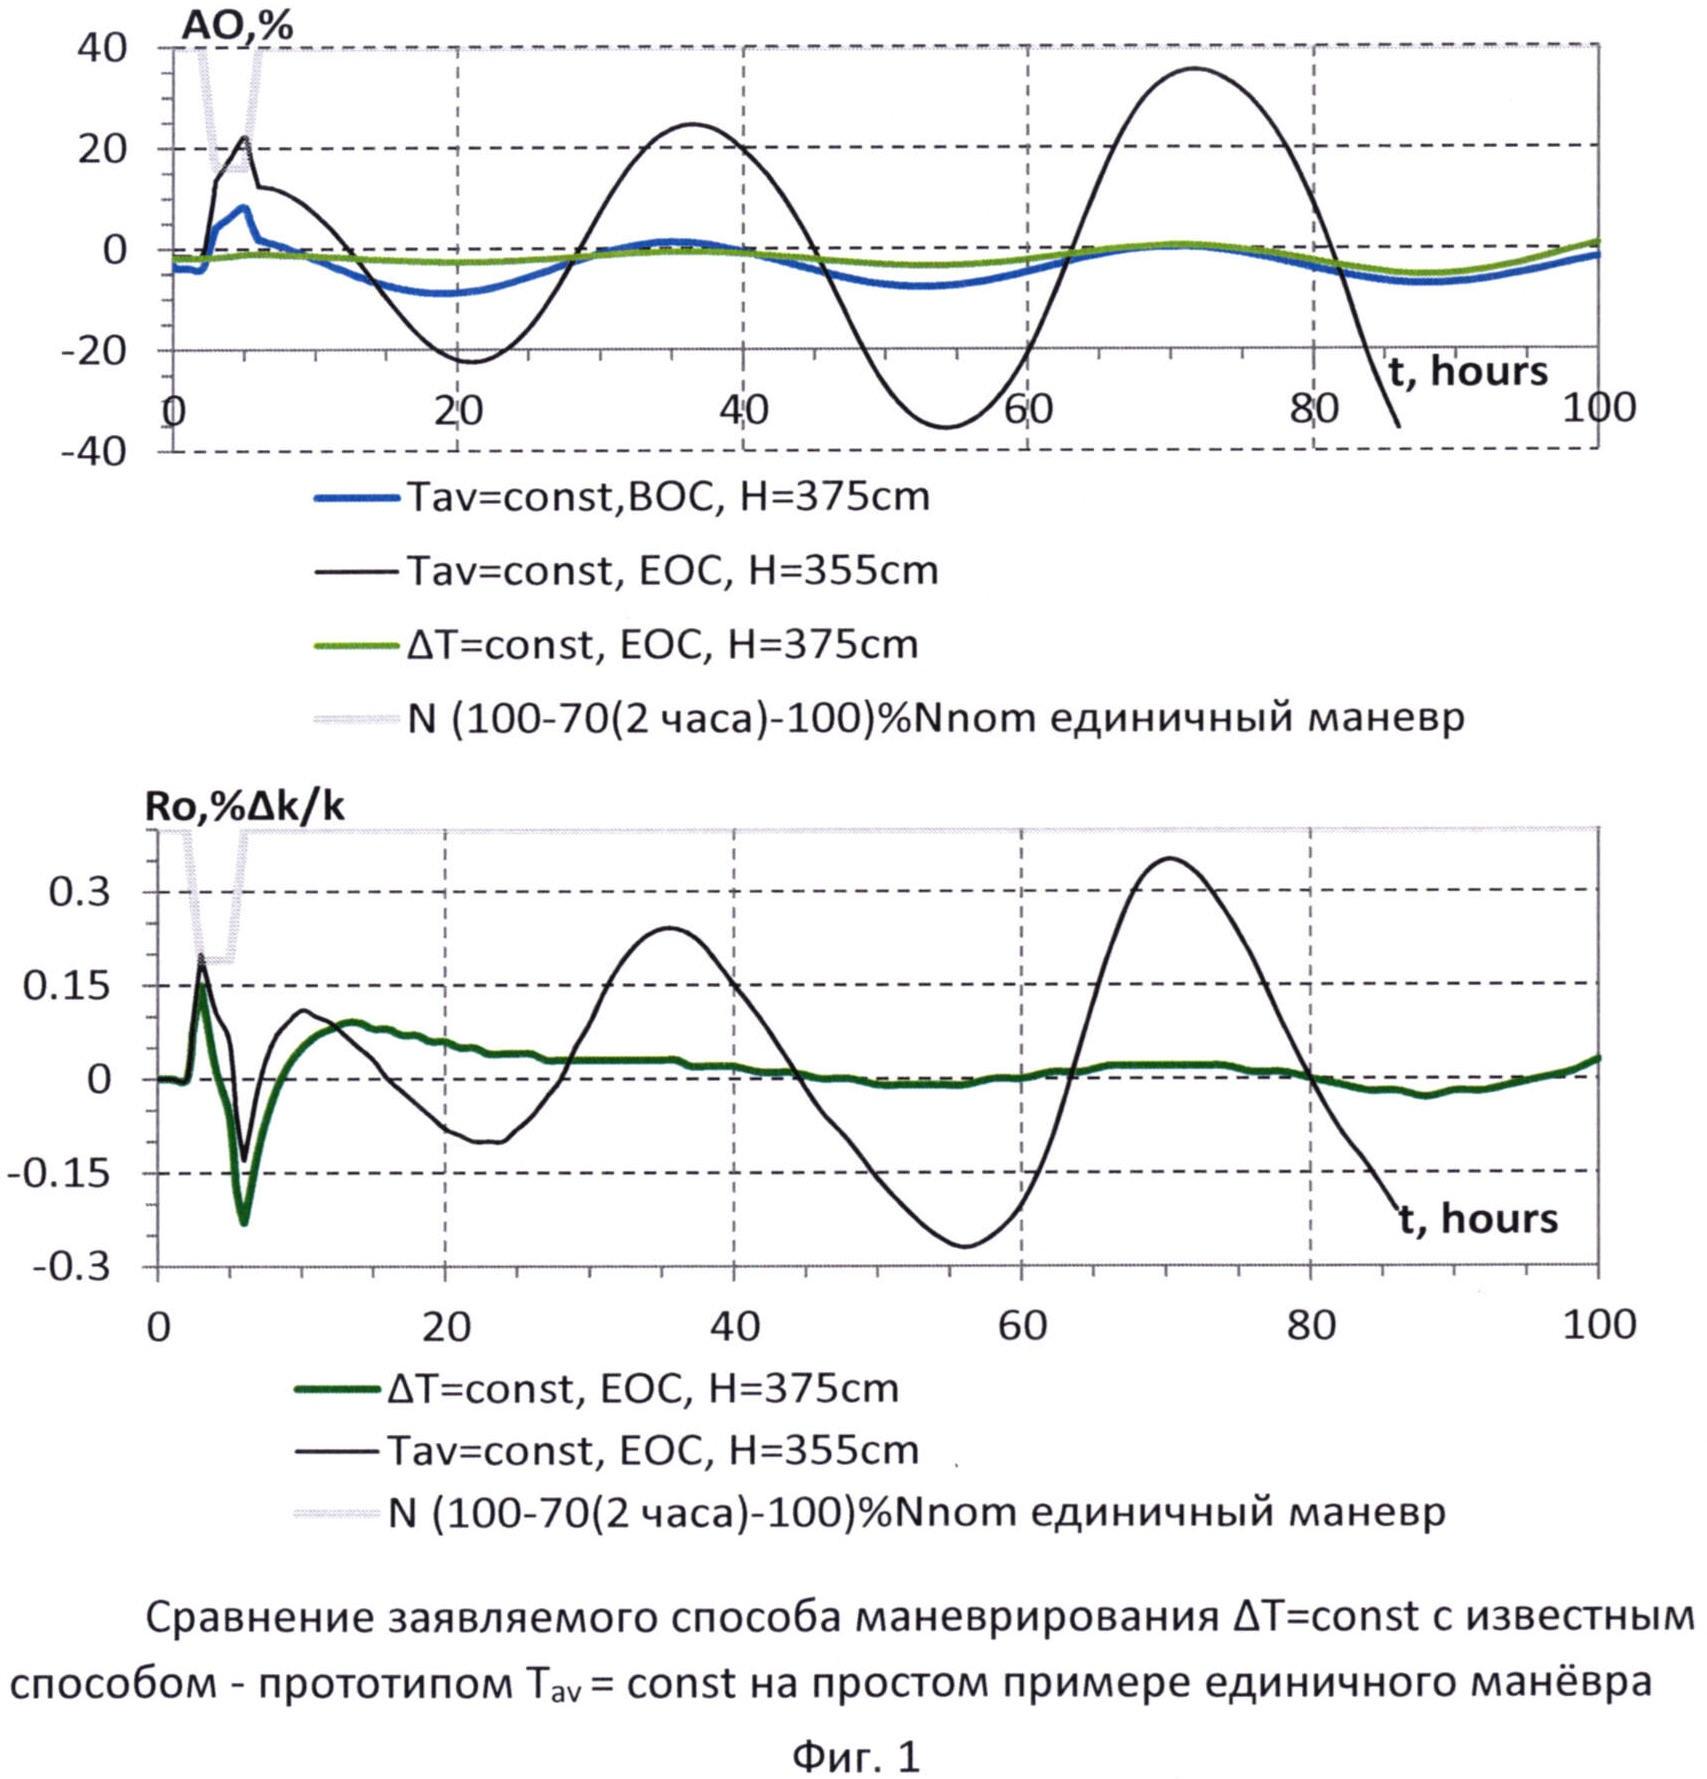 Способ маневрирования мощностью ядерного энергетического реактора типа ввэр и pwr